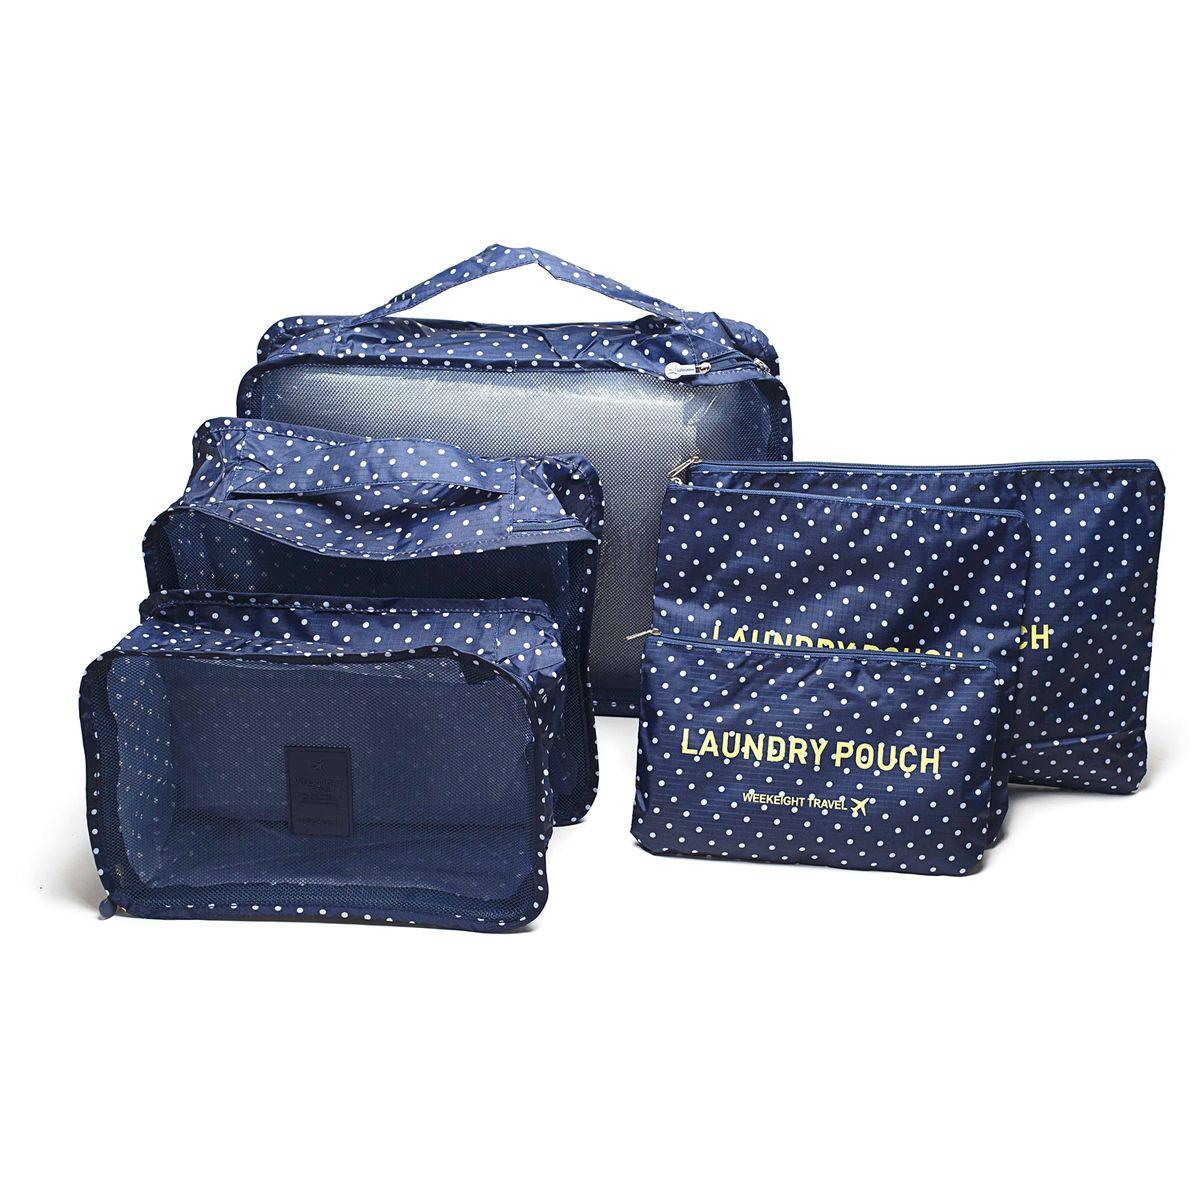 Набор органайзеров для багажа Homsu, 6 предметовS03301004Набор органайзеров для багажа Homsu выполнен из полиэстера и оснащен молниями. В комплекте собраны органайзеры для бюстгальтеров, нижнего белья, носков, одежды, косметики. Вы сможете распределить все вещи, которые возьмете с собой таким образом, чтобы всегда иметь быстрый доступ к ним. Органайзеры надежно защитят от пыли, грязи, влажности или механических повреждений. Размеры органайзеров: 40 x 30 x 12 см; 30 x 28 x 13 см; 30 x 21 x 13 см; 35 x 27 см; 27 x 25 см; 26 x 16 см.